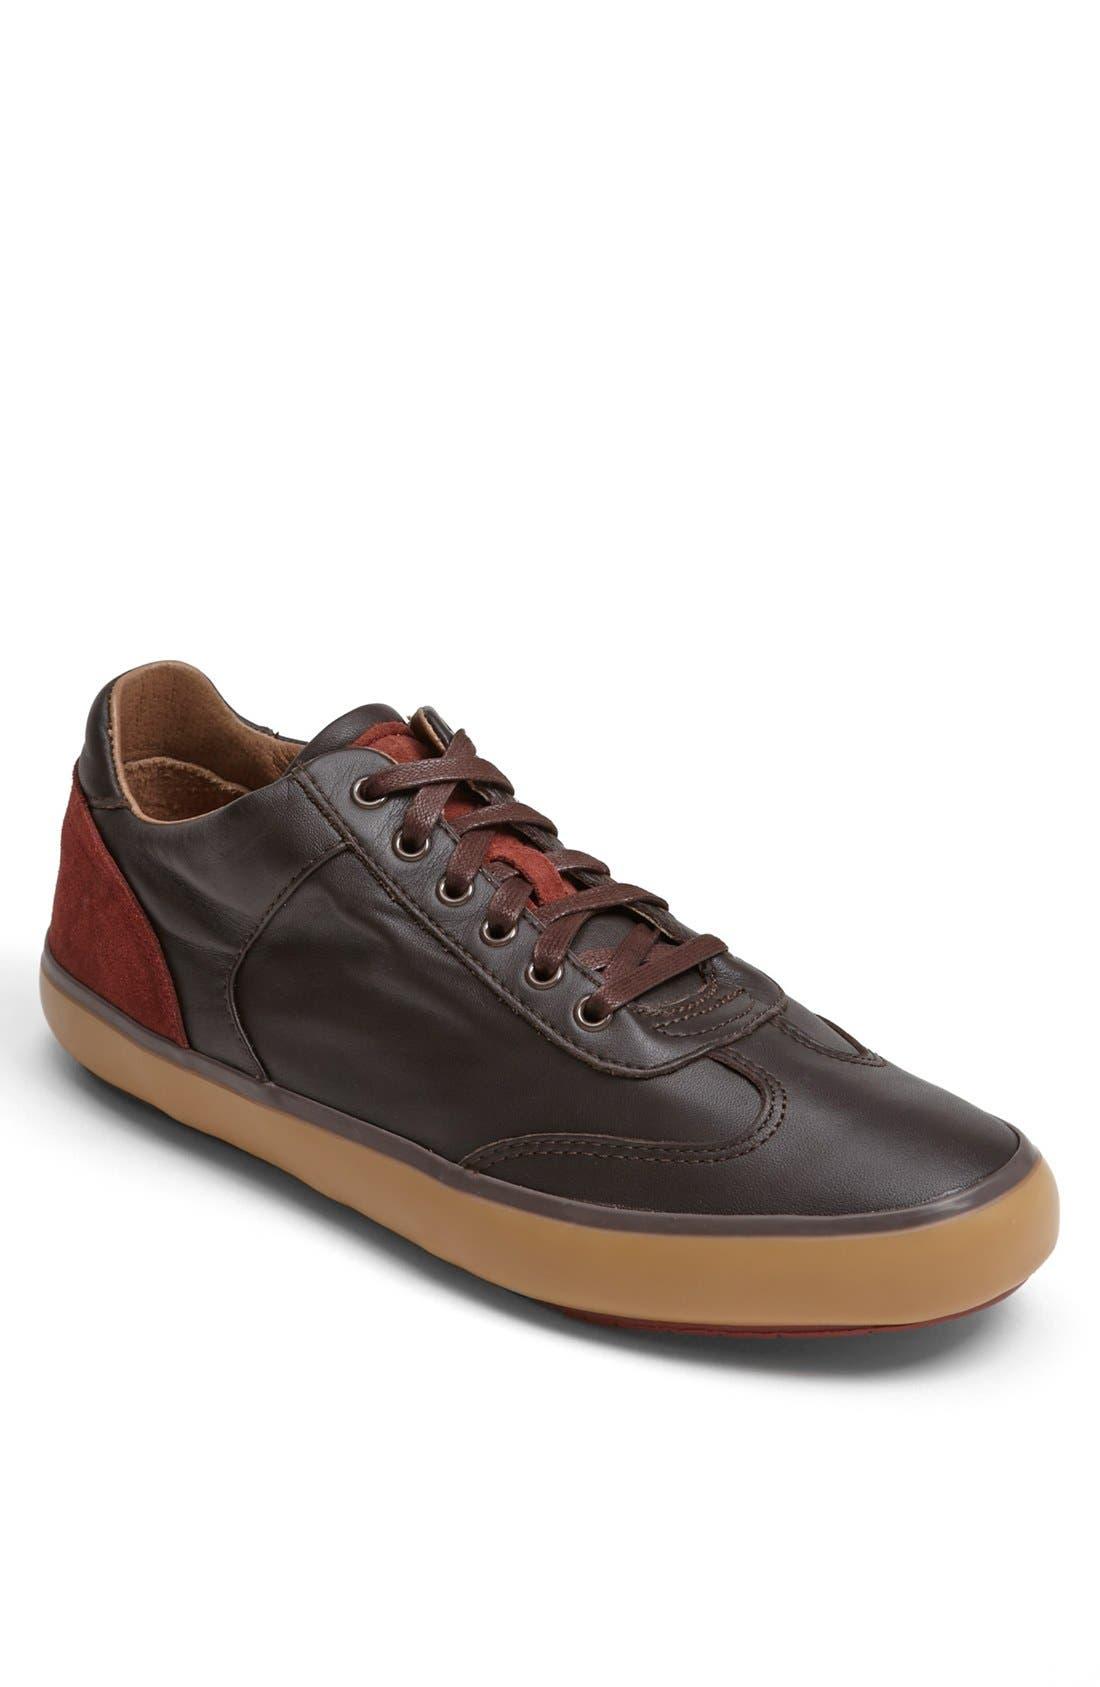 Main Image - Camper 'Portol' Sneaker